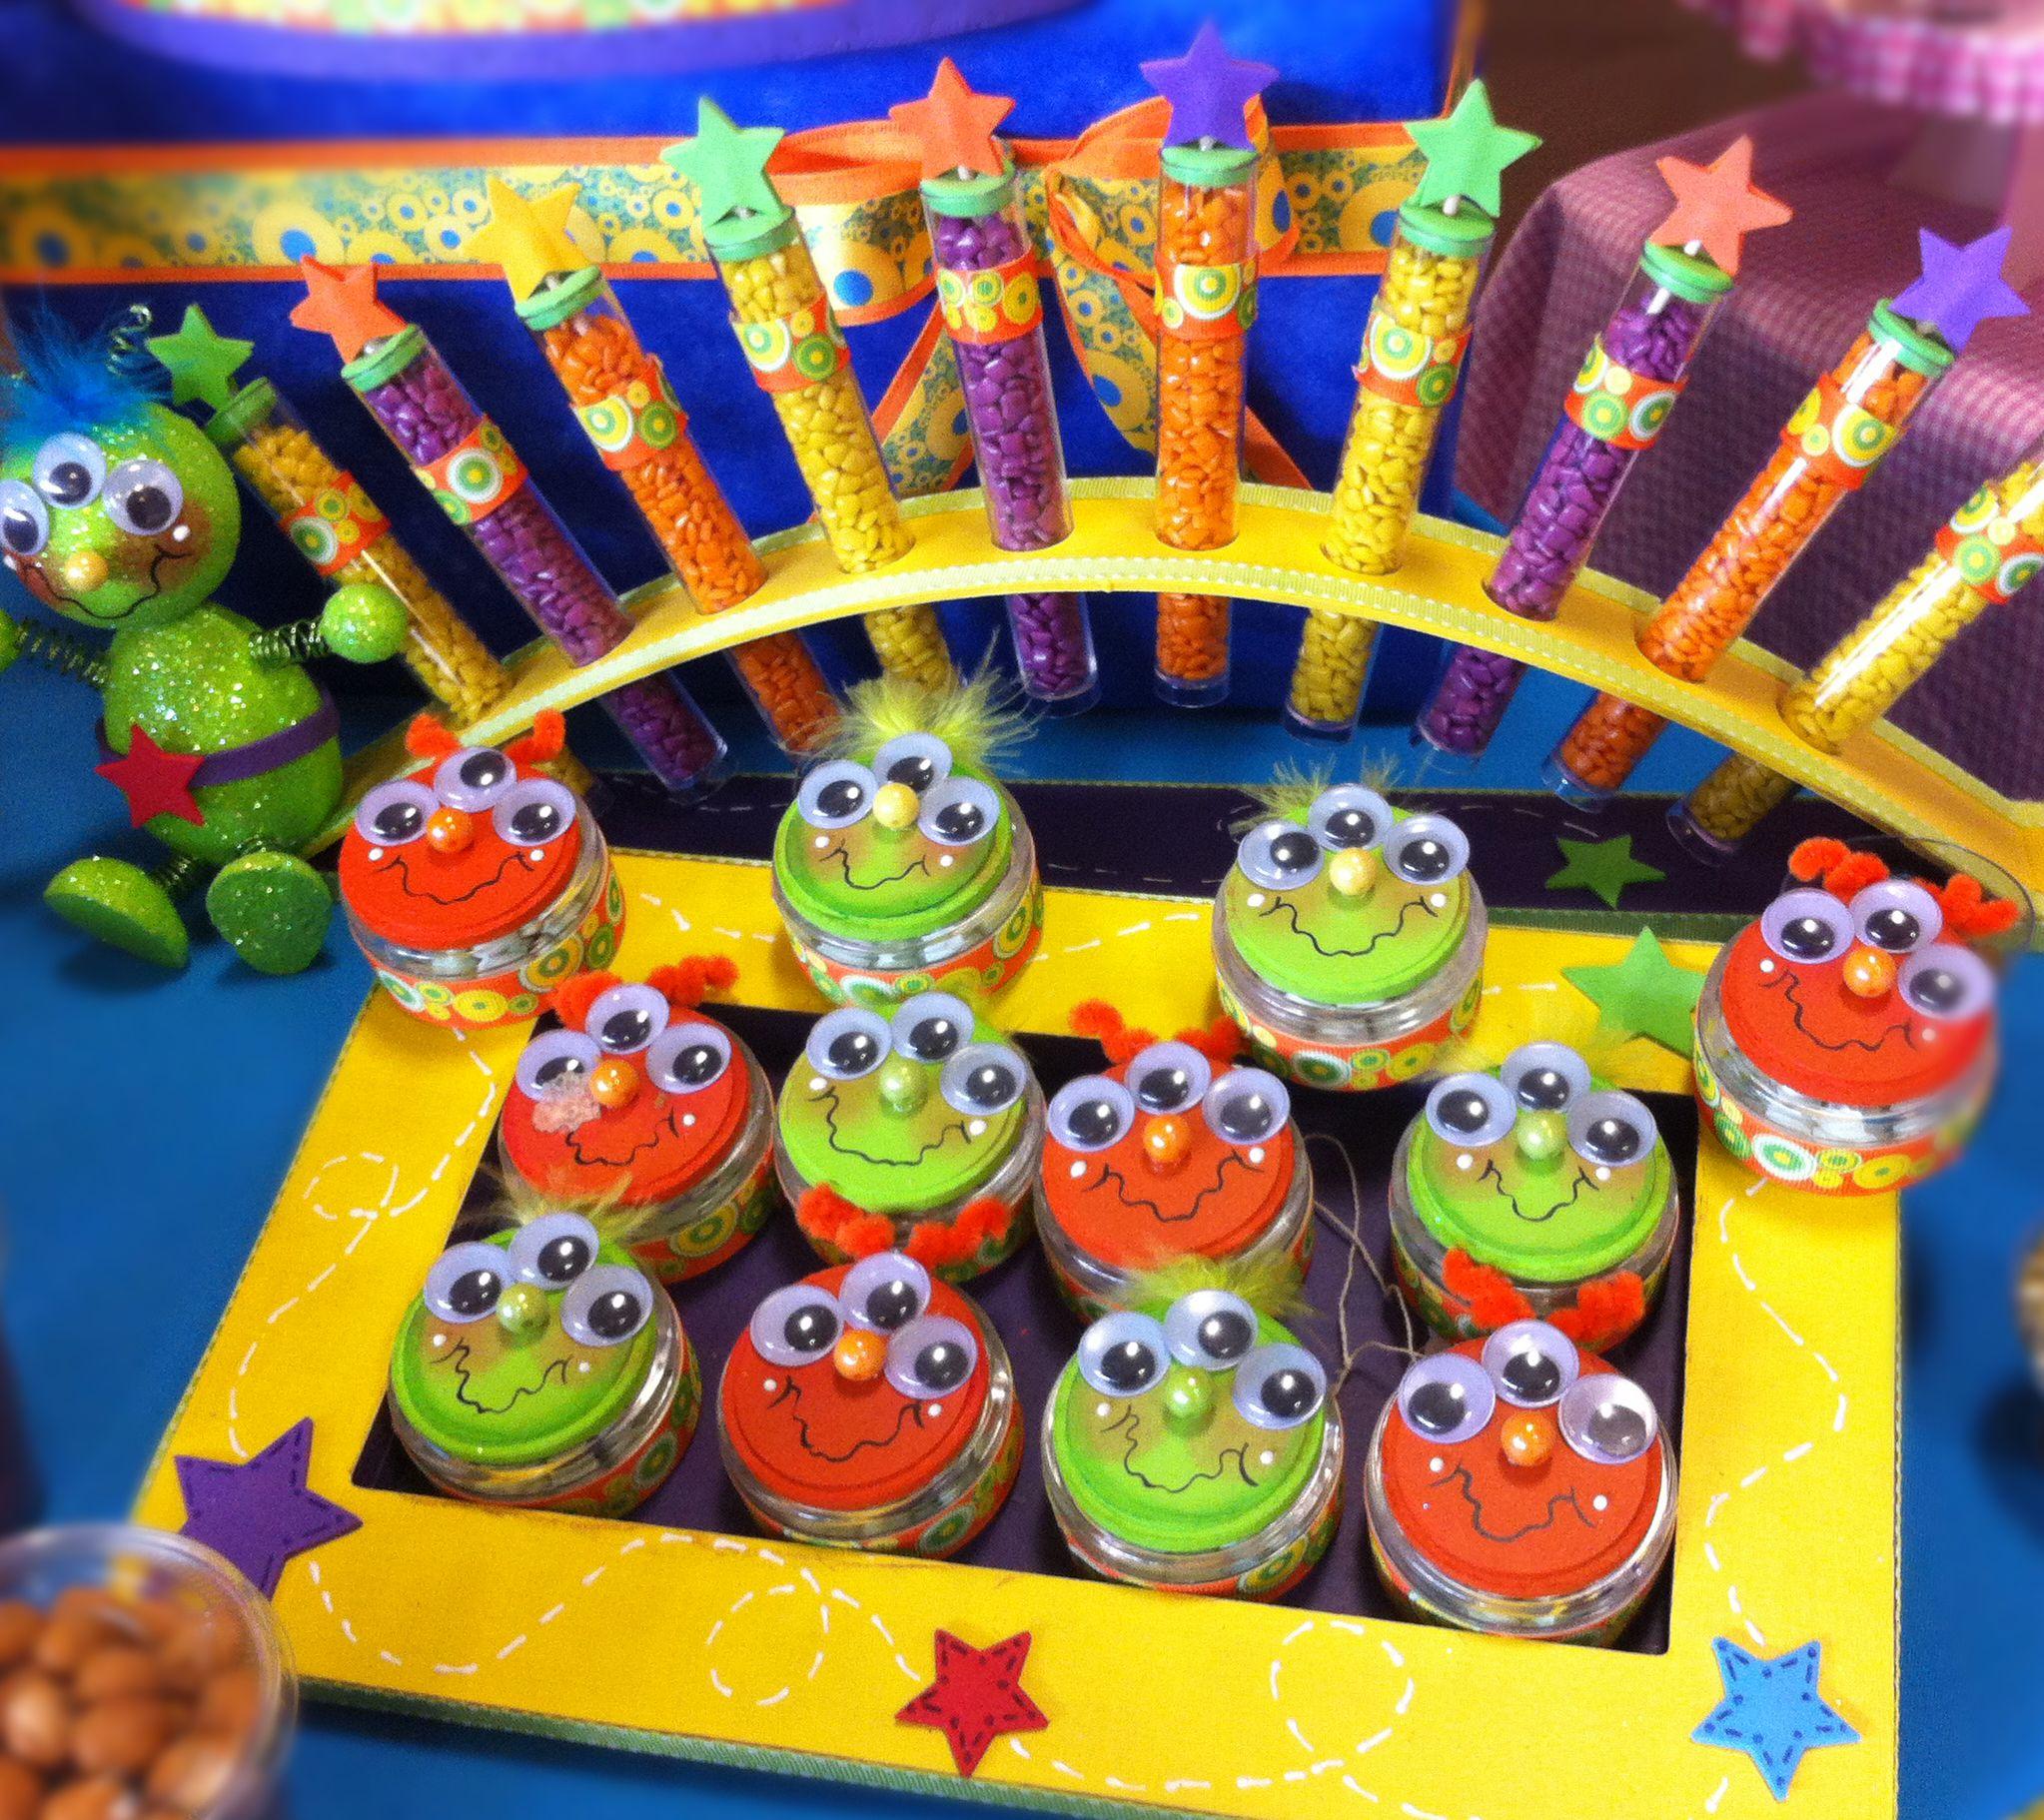 Decoraci n para fiestas infantiles barra de dulces - Decoracion para fiesta infantil ...